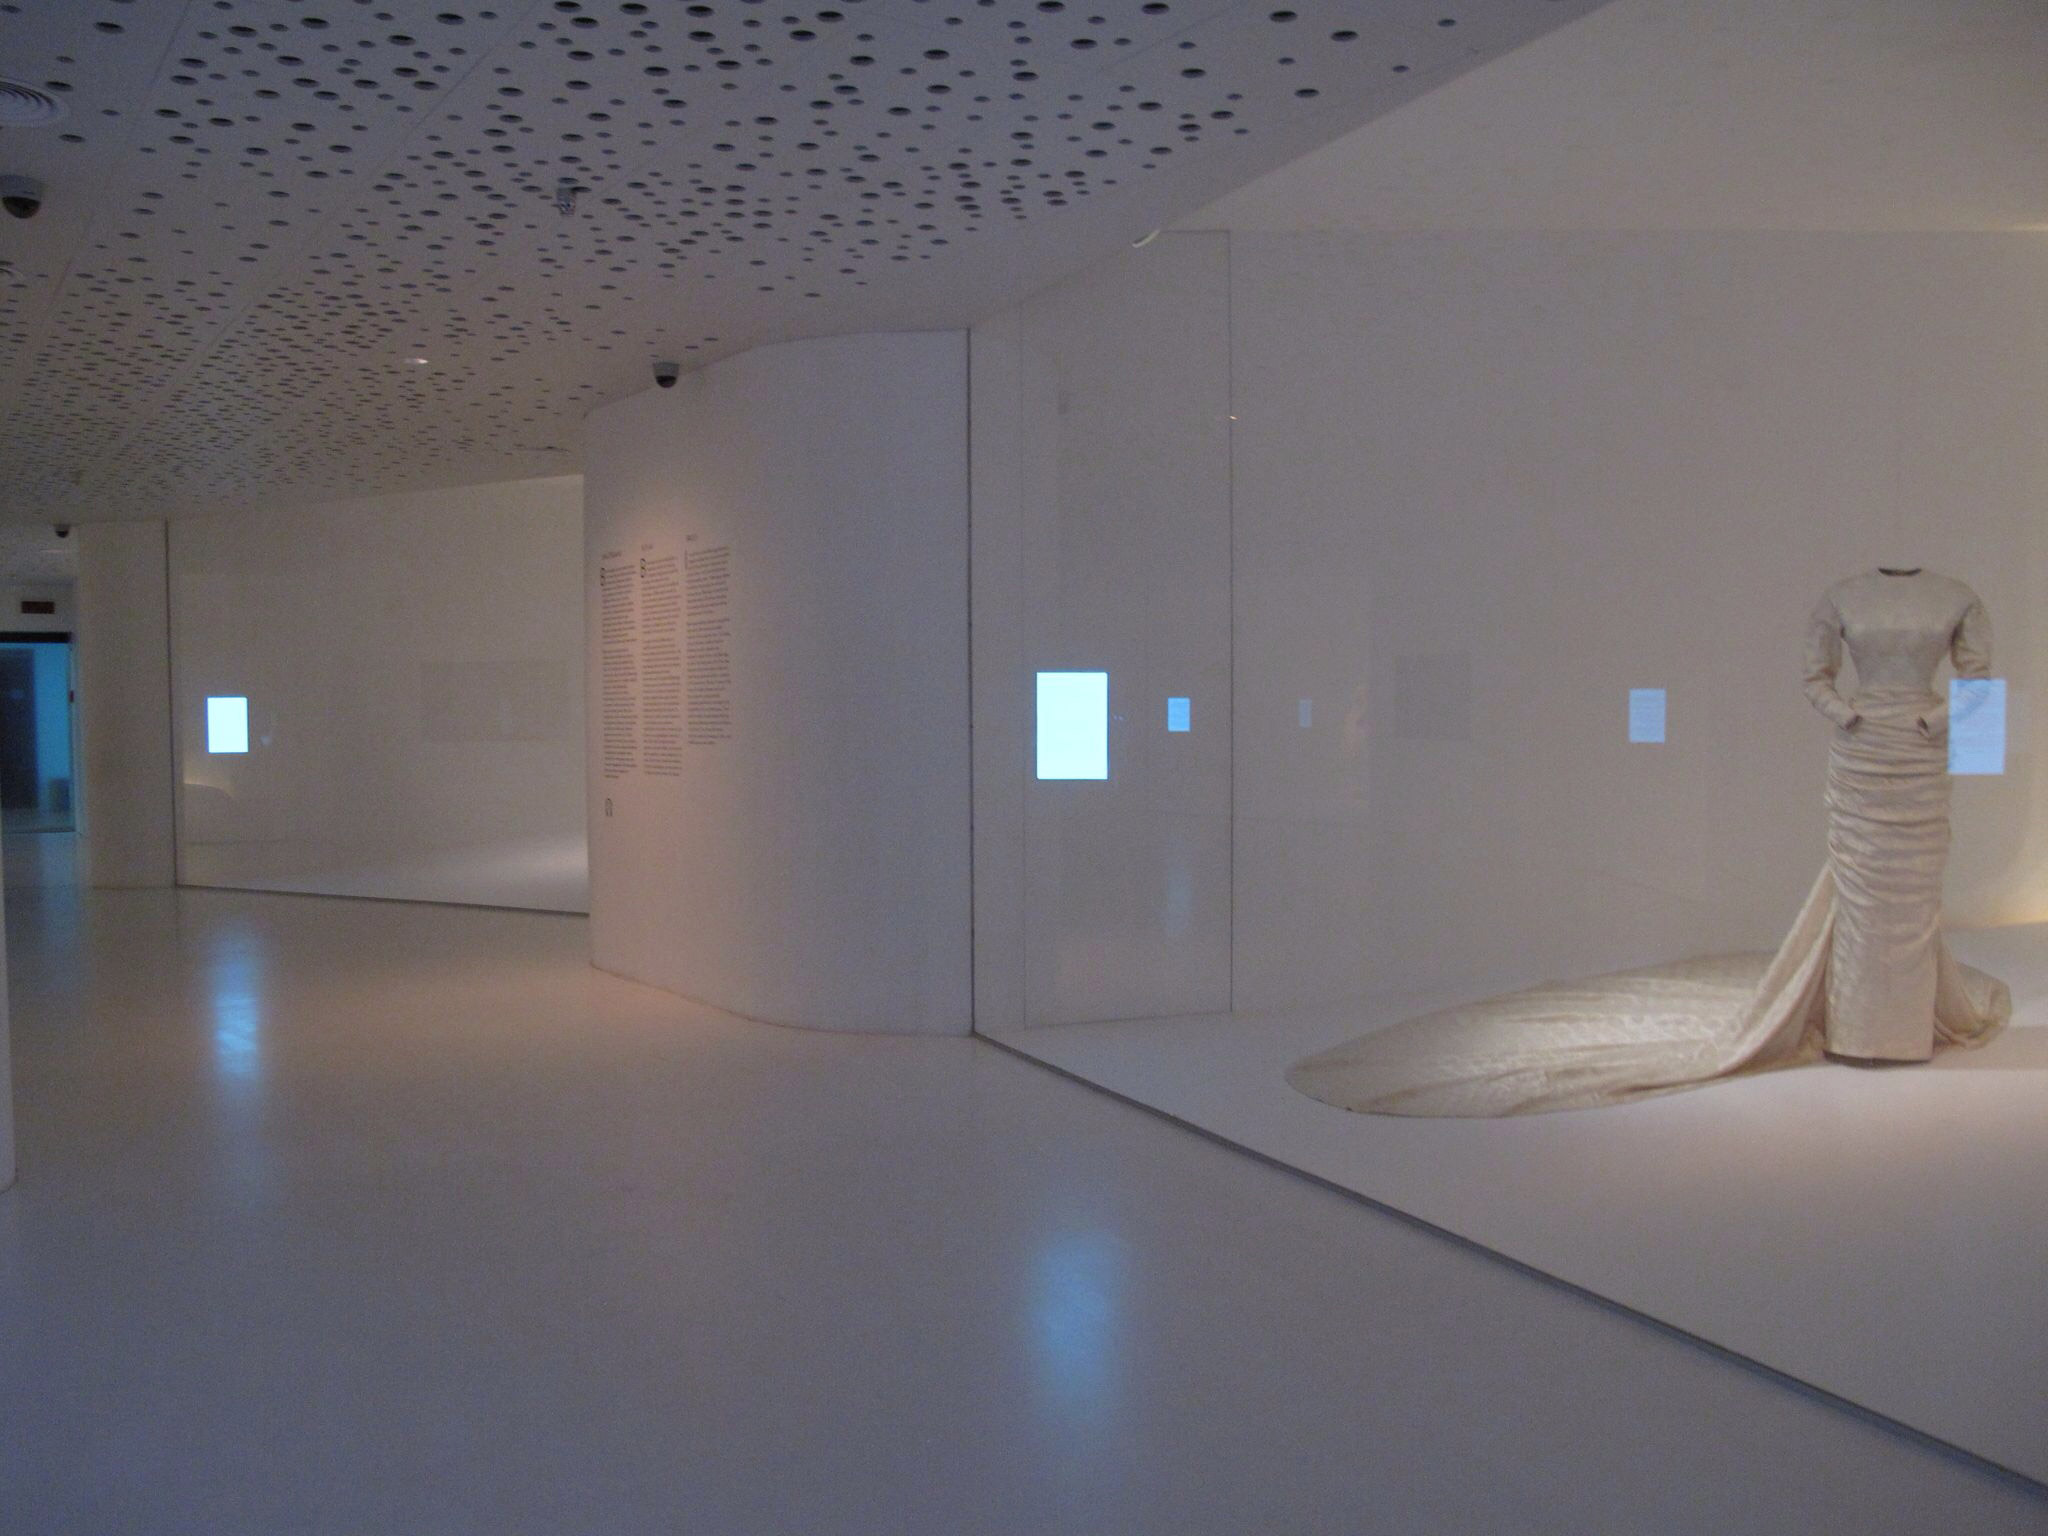 museo balenciaga_exposicion permanente_nupcial